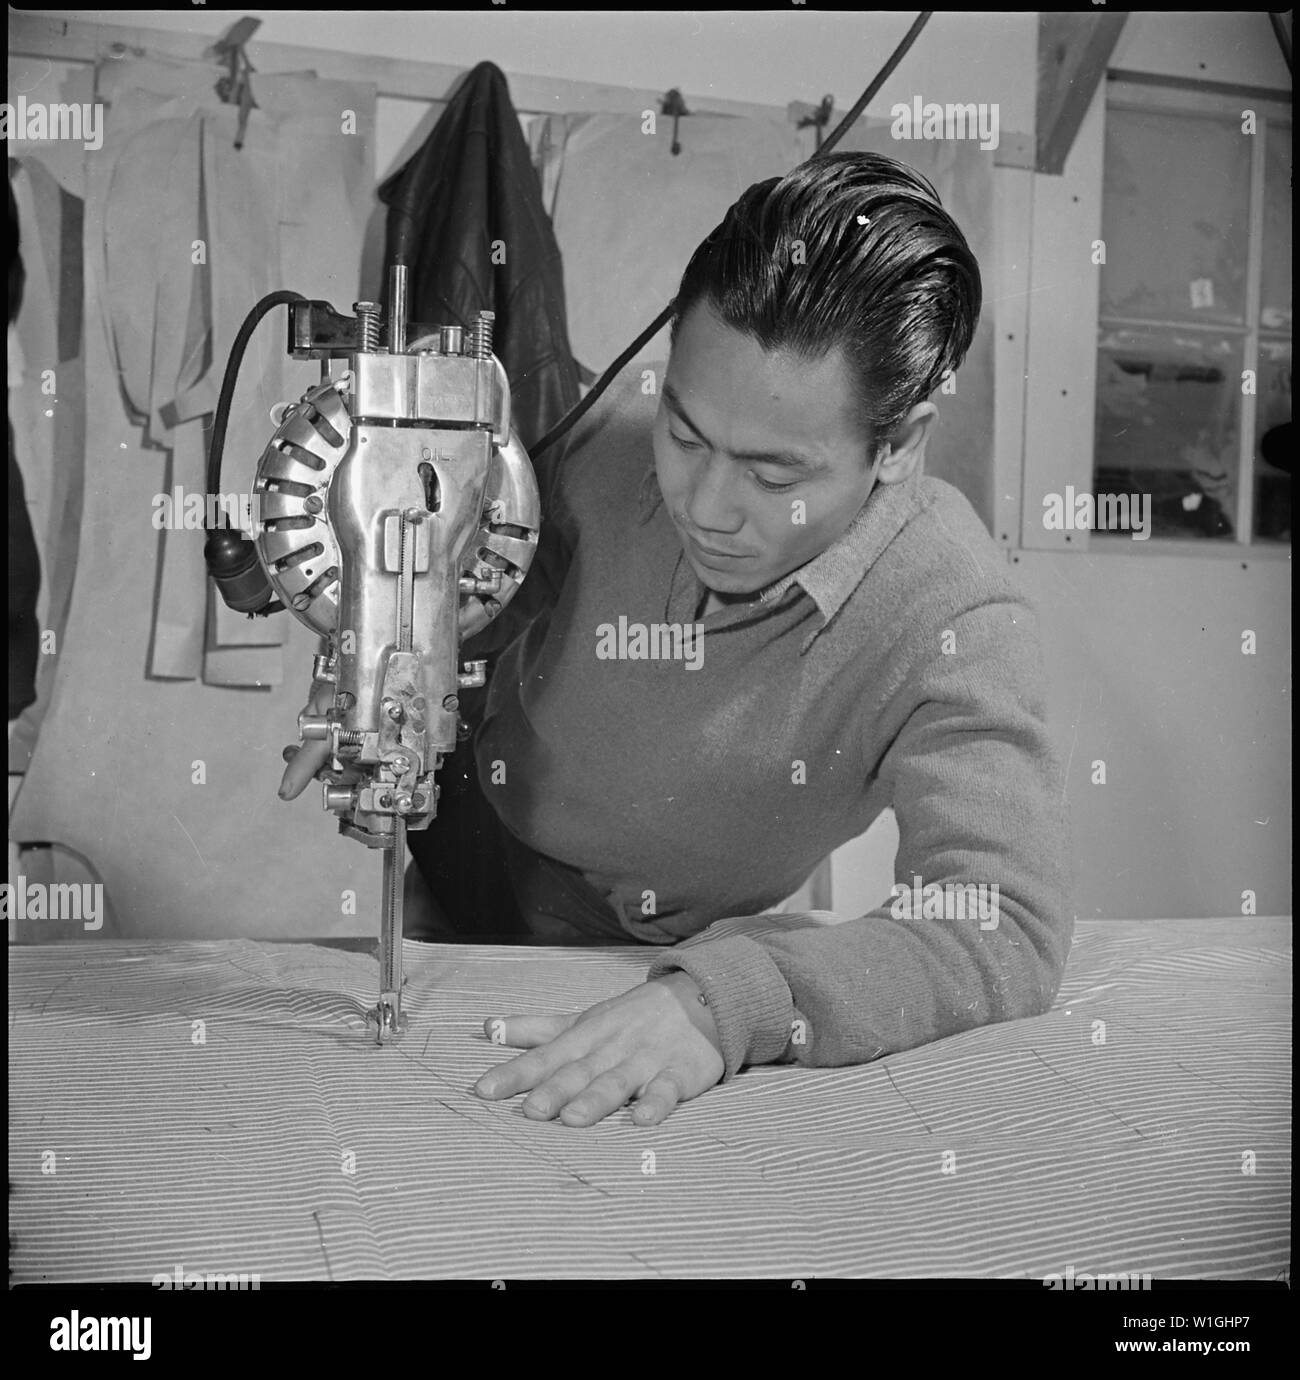 Manzanar Relocation Center, Manzanar, California. Bert Miura, ex fabbrica di indumento lavoratore dal basso . . .; Portata e contenuto: tutta la didascalia per questa fotografia si legge: Manzanar Relocation Center, Manzanar, California. Bert Miura, ex fabbrica di indumento lavoratore di Los Angeles, California, è ora lavora nel reparto taglio nella fabbrica di indumento. Egli è mostrato il taglio di materiale per il materasso di incollamento. Tutti i lavori in questa fabbrica di indumento, che produce abbigliamento da lavoro per lavoratori evacuee, è fatto dal giapponese residenti nordamericani. Immagini Stock